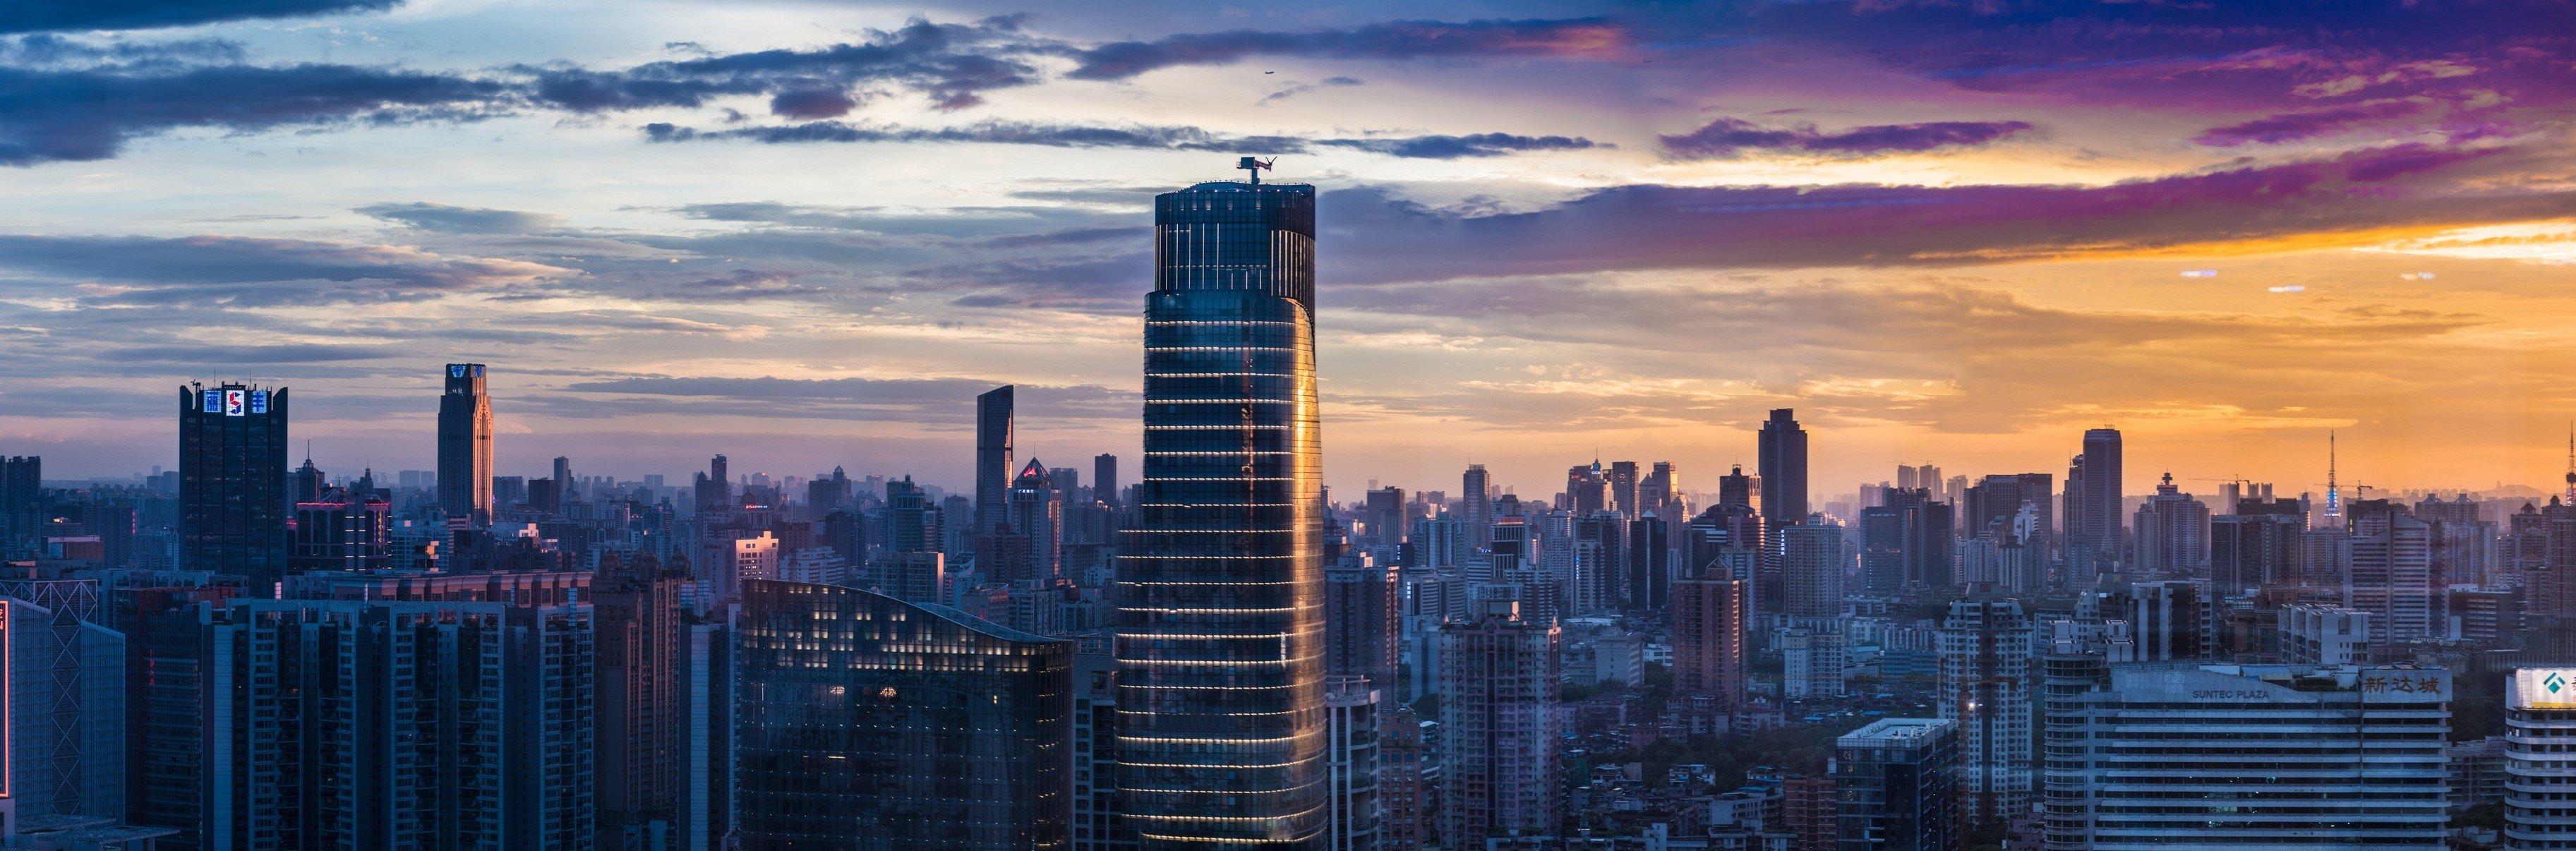 architecture-buildings-city-533930-clip